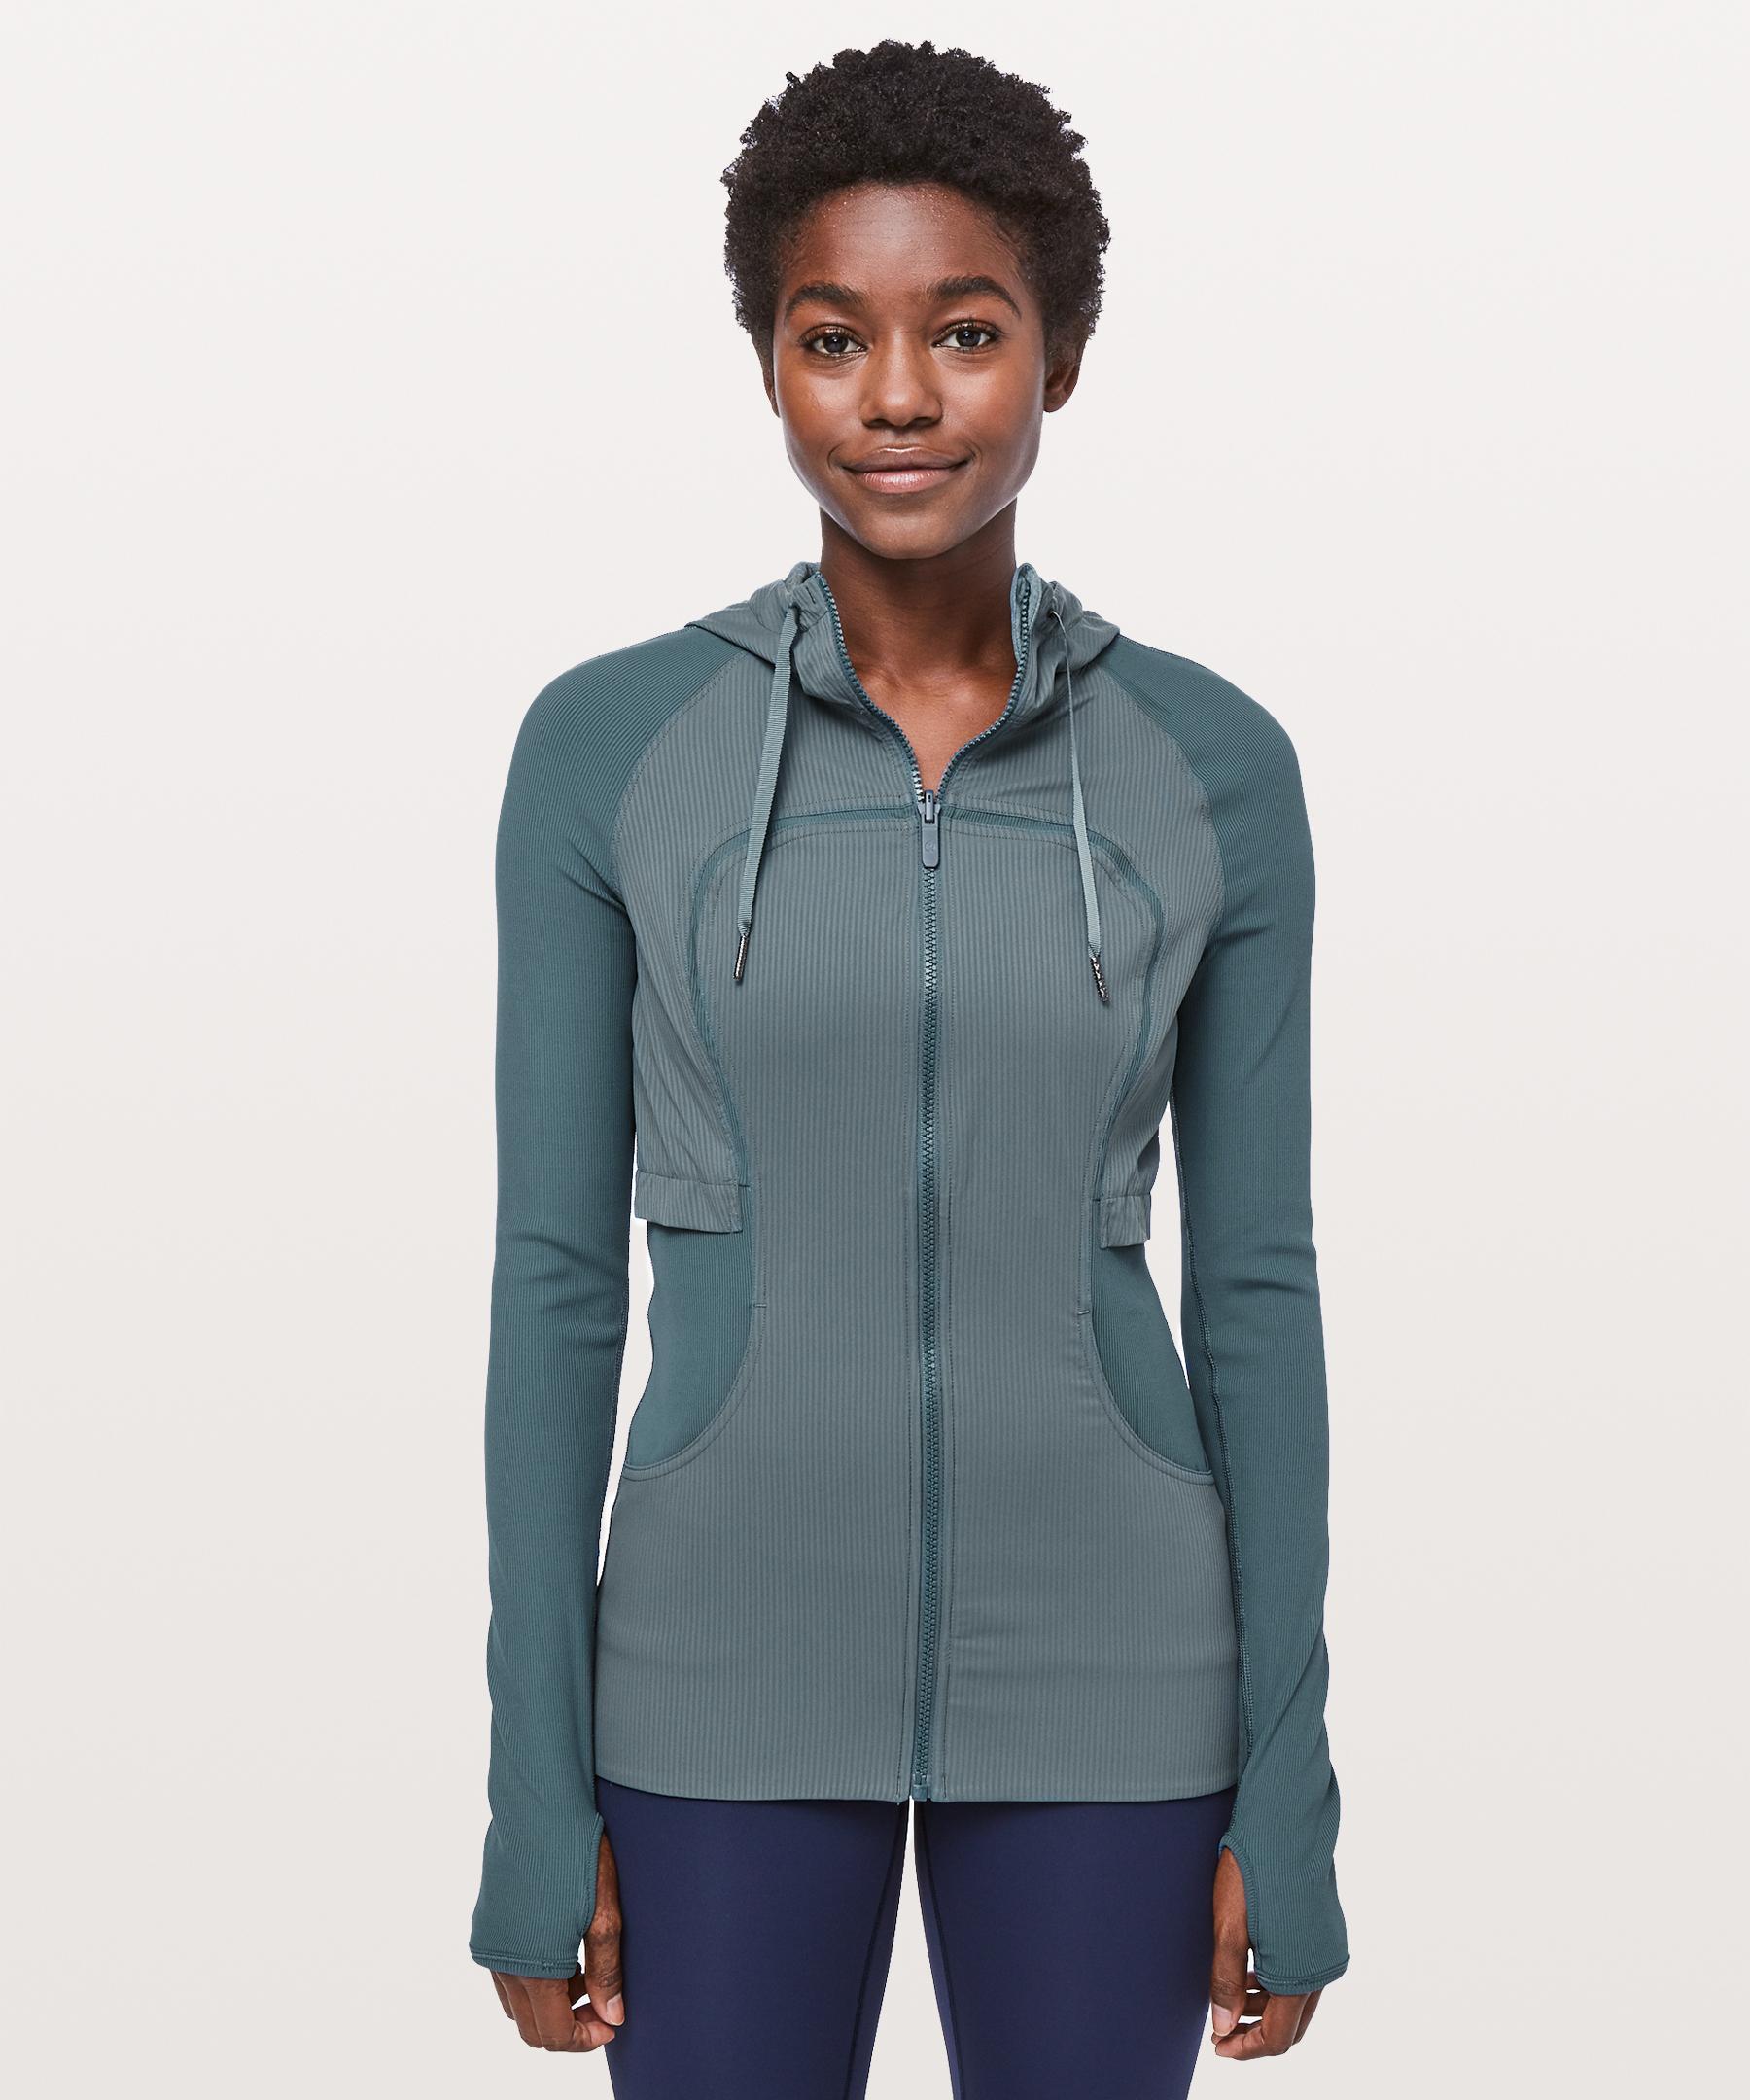 f686573f7 lululemon athletica Blue Dance Studio Jacket Rib Sleeve